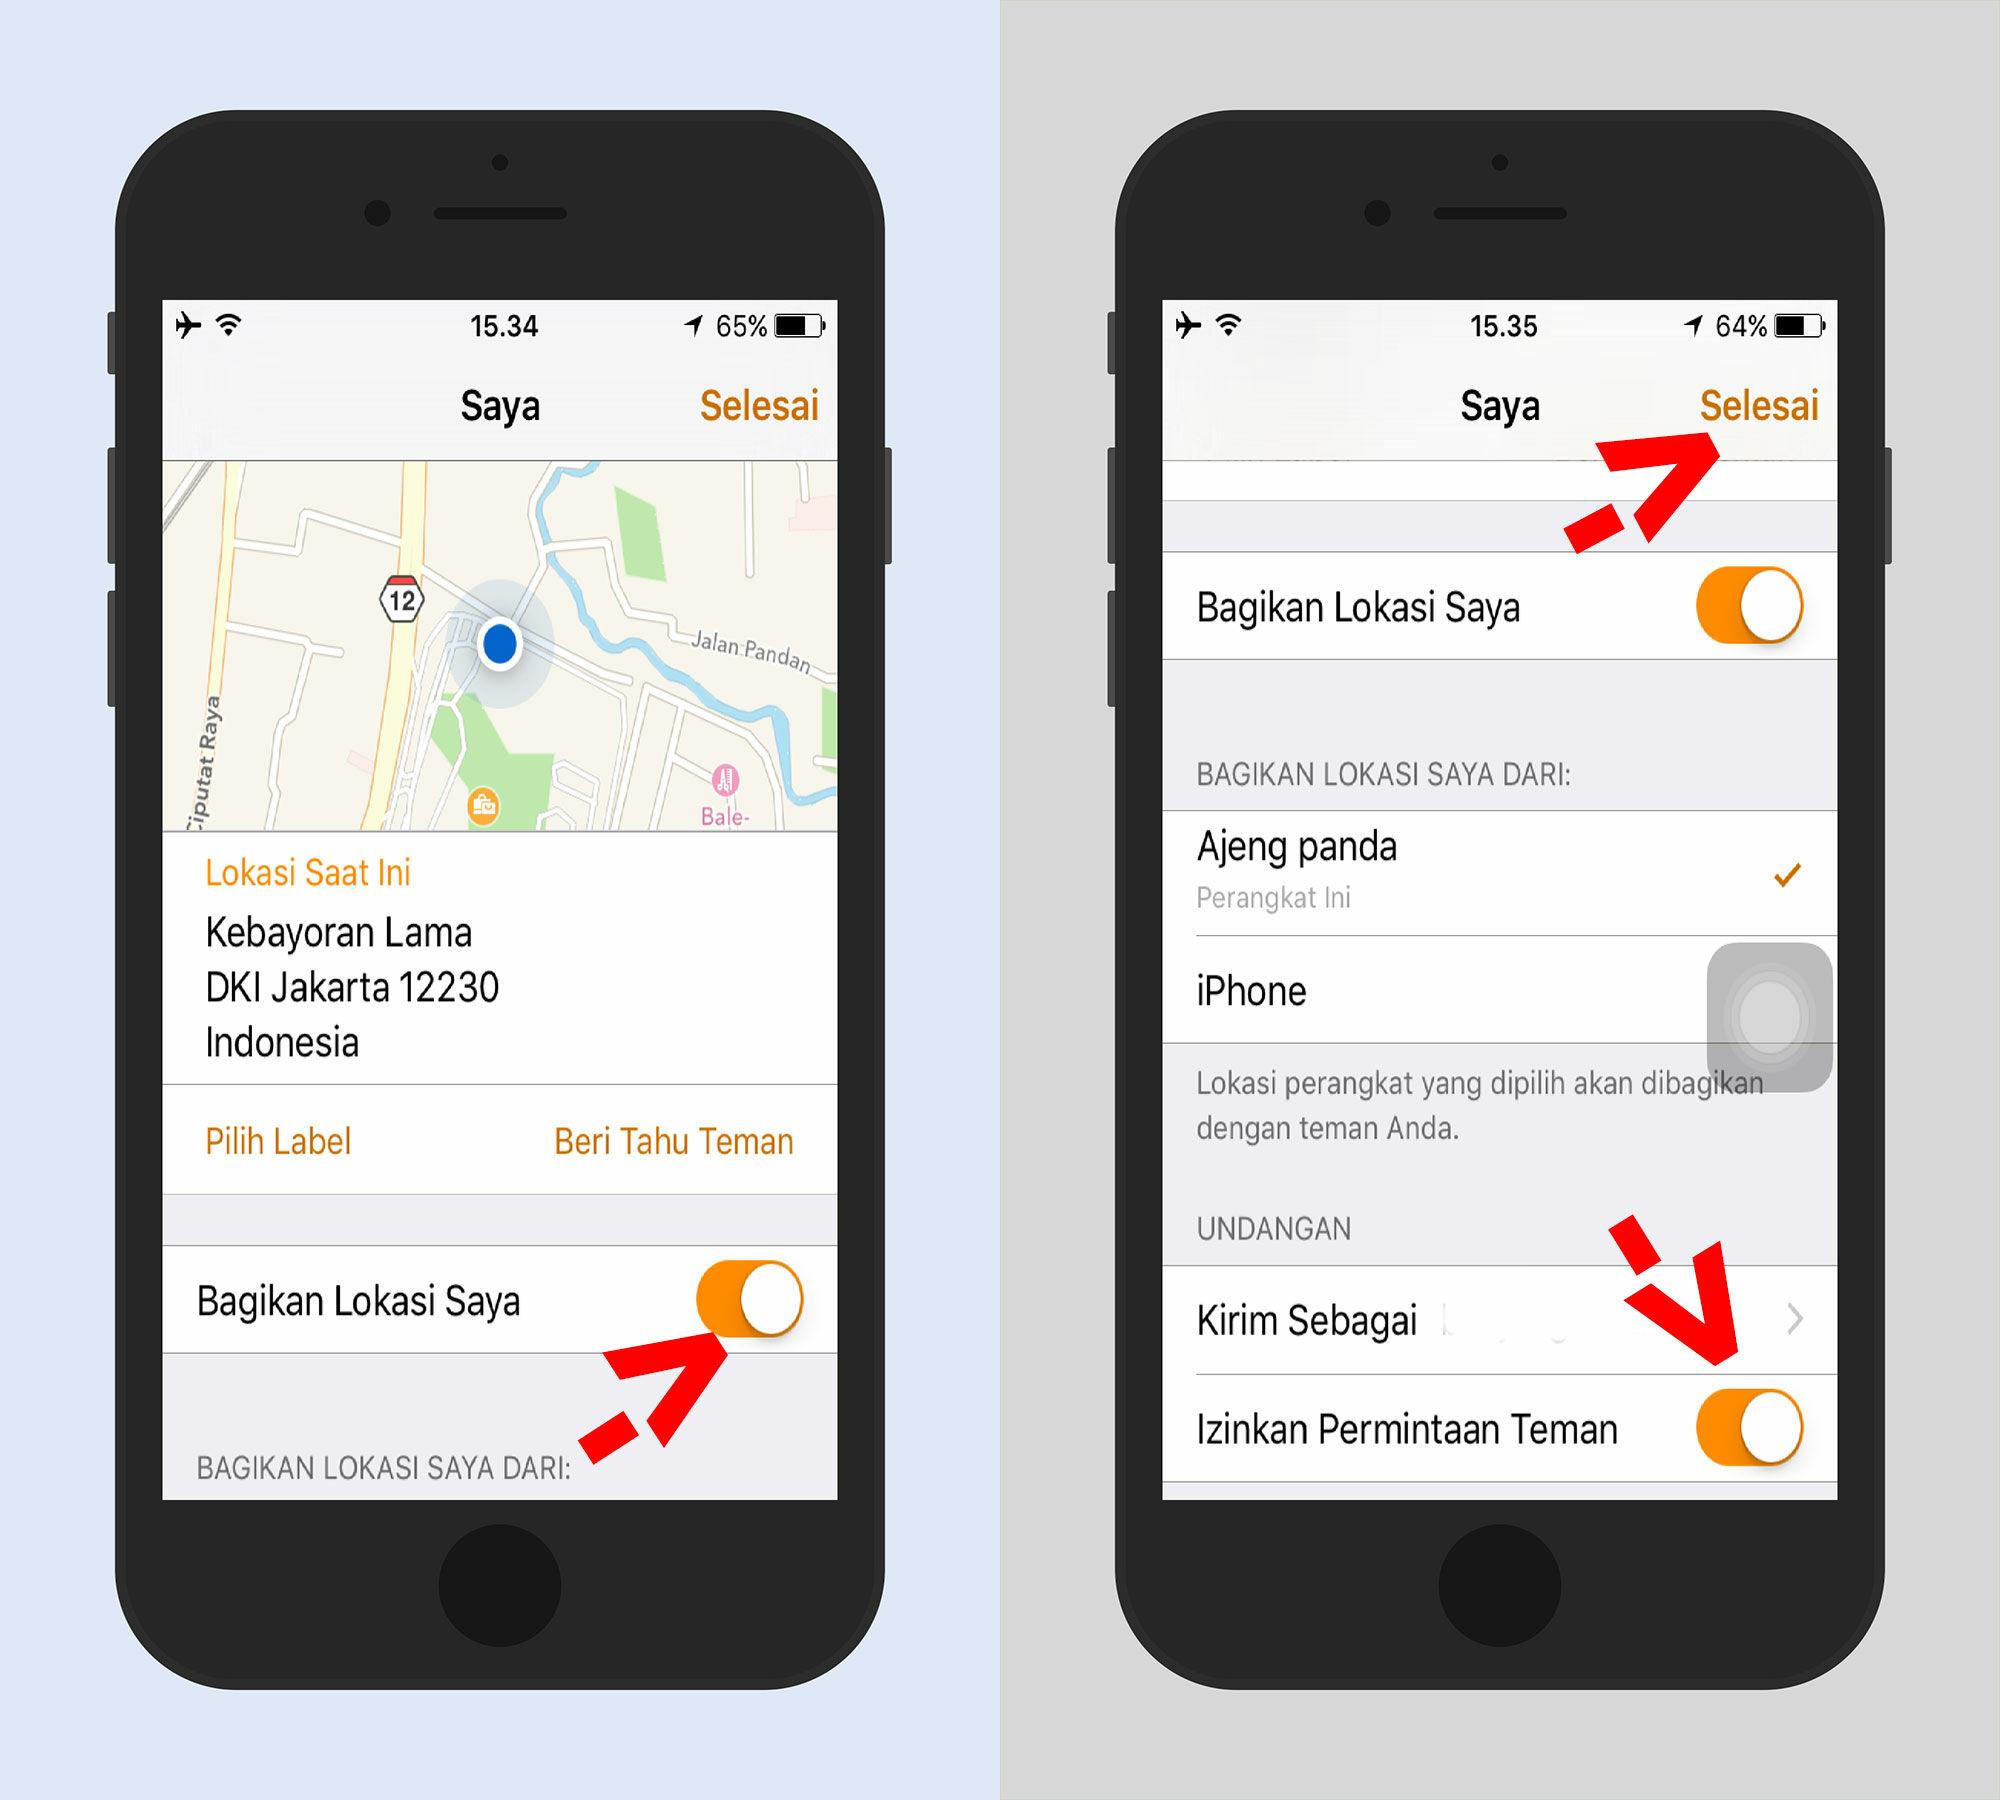 Cara Melacak Lokasi Orang Dengan Iphone 3